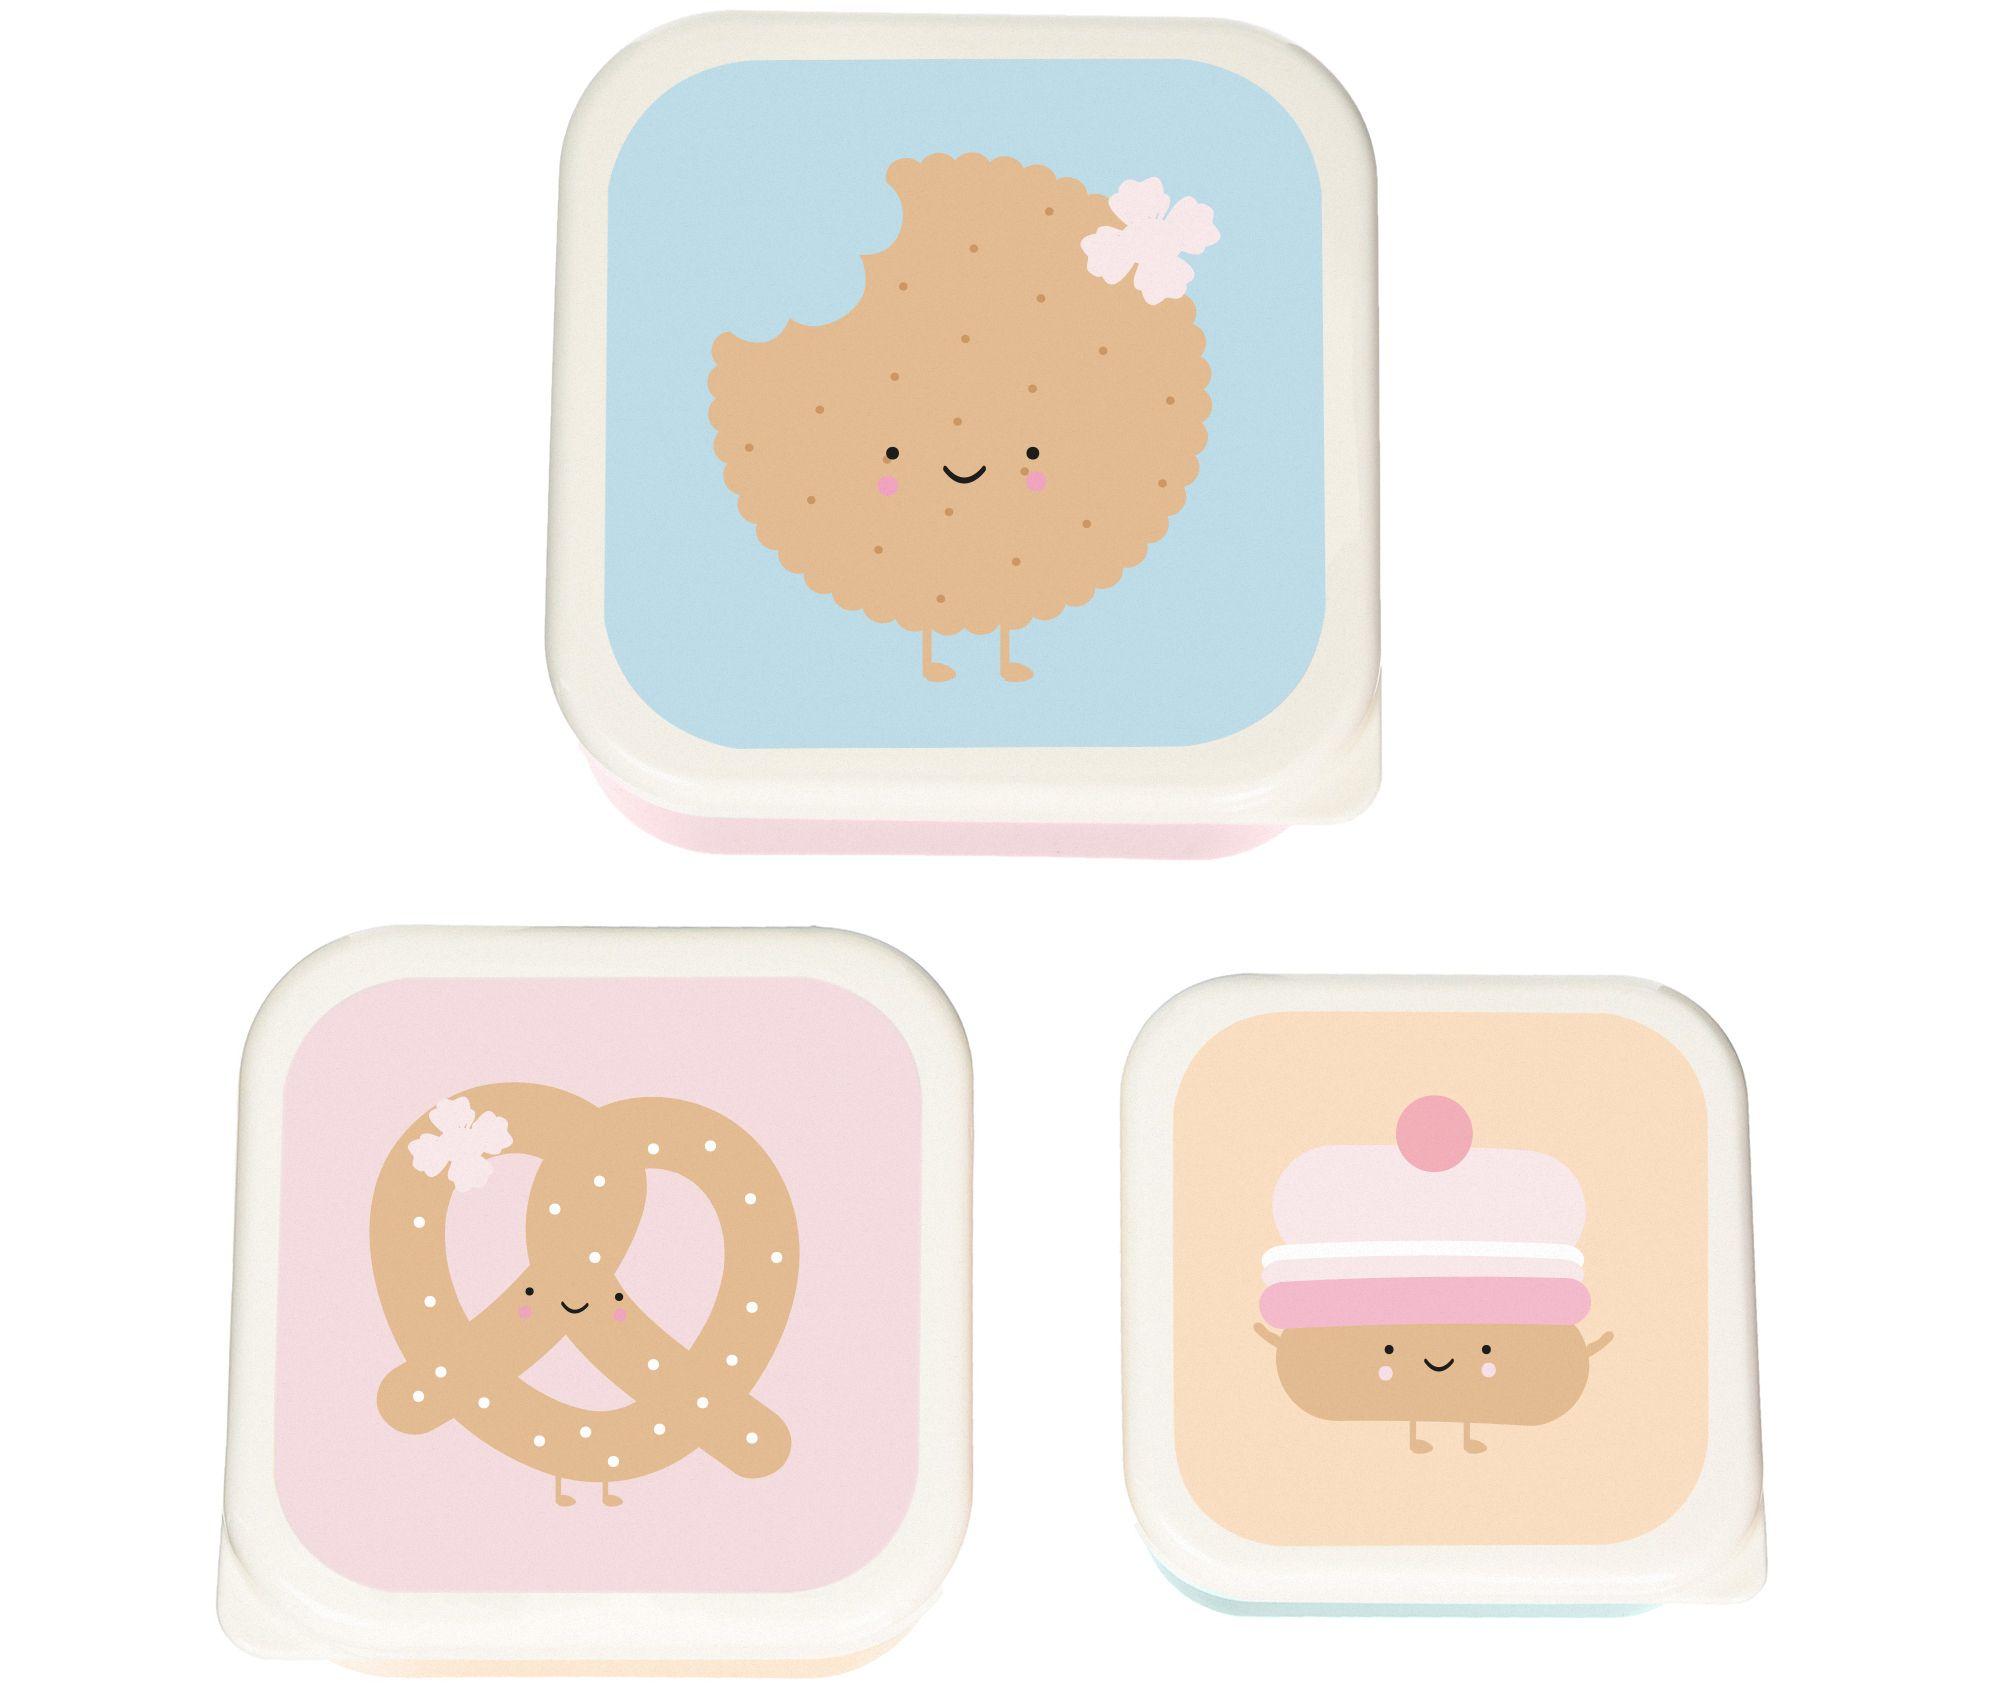 Afbeelding 3 snackdozen Sweeties